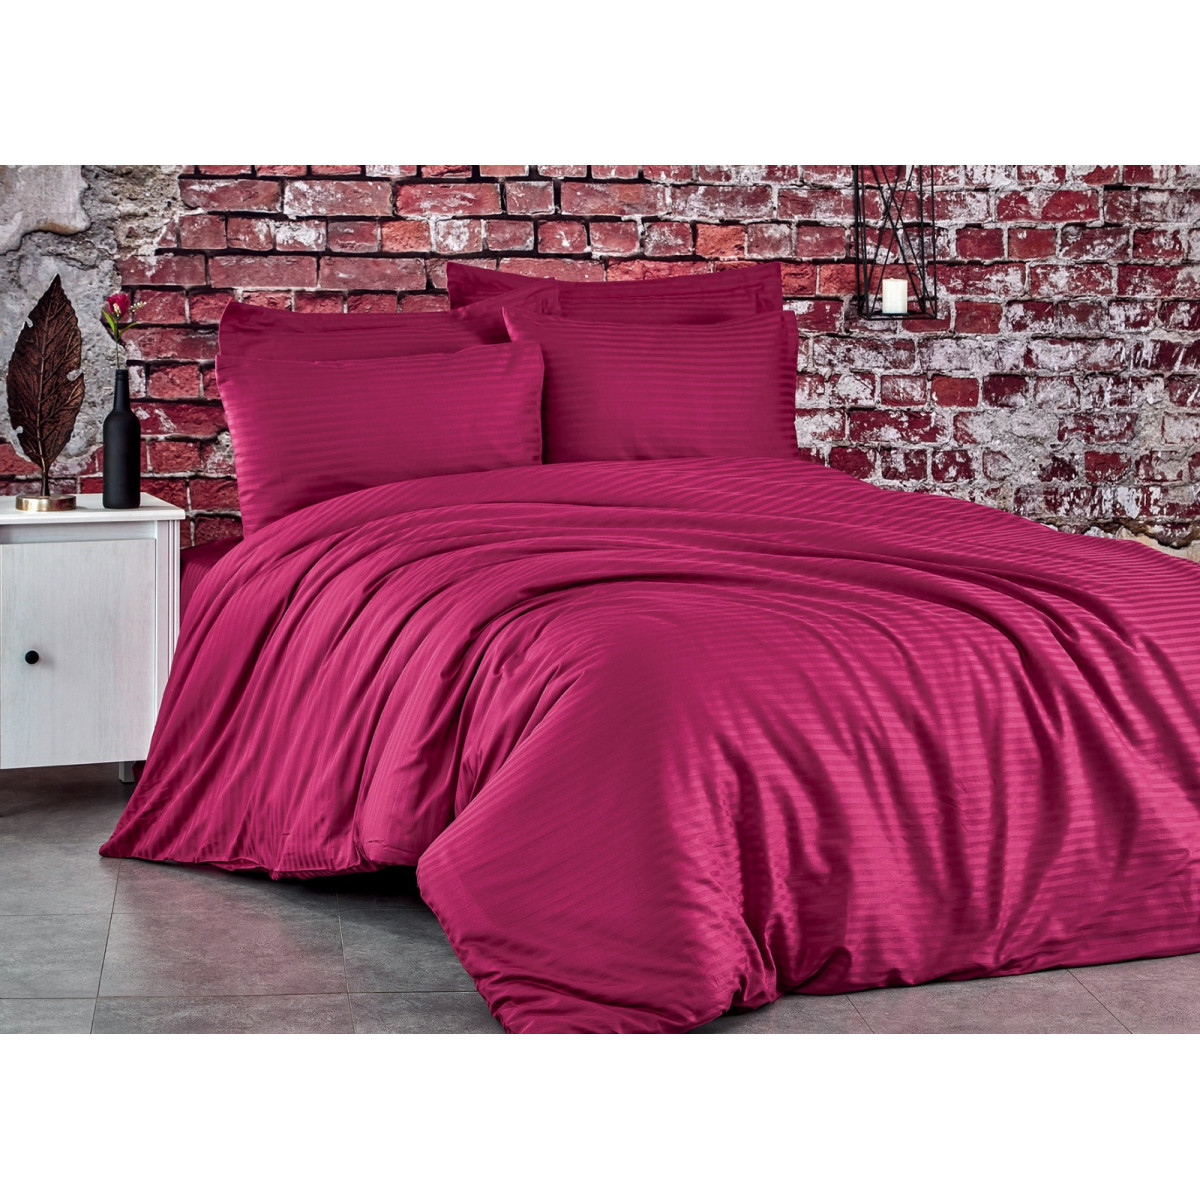 Спален комплект - 100% памук сатен - 210 нишки - Бордо